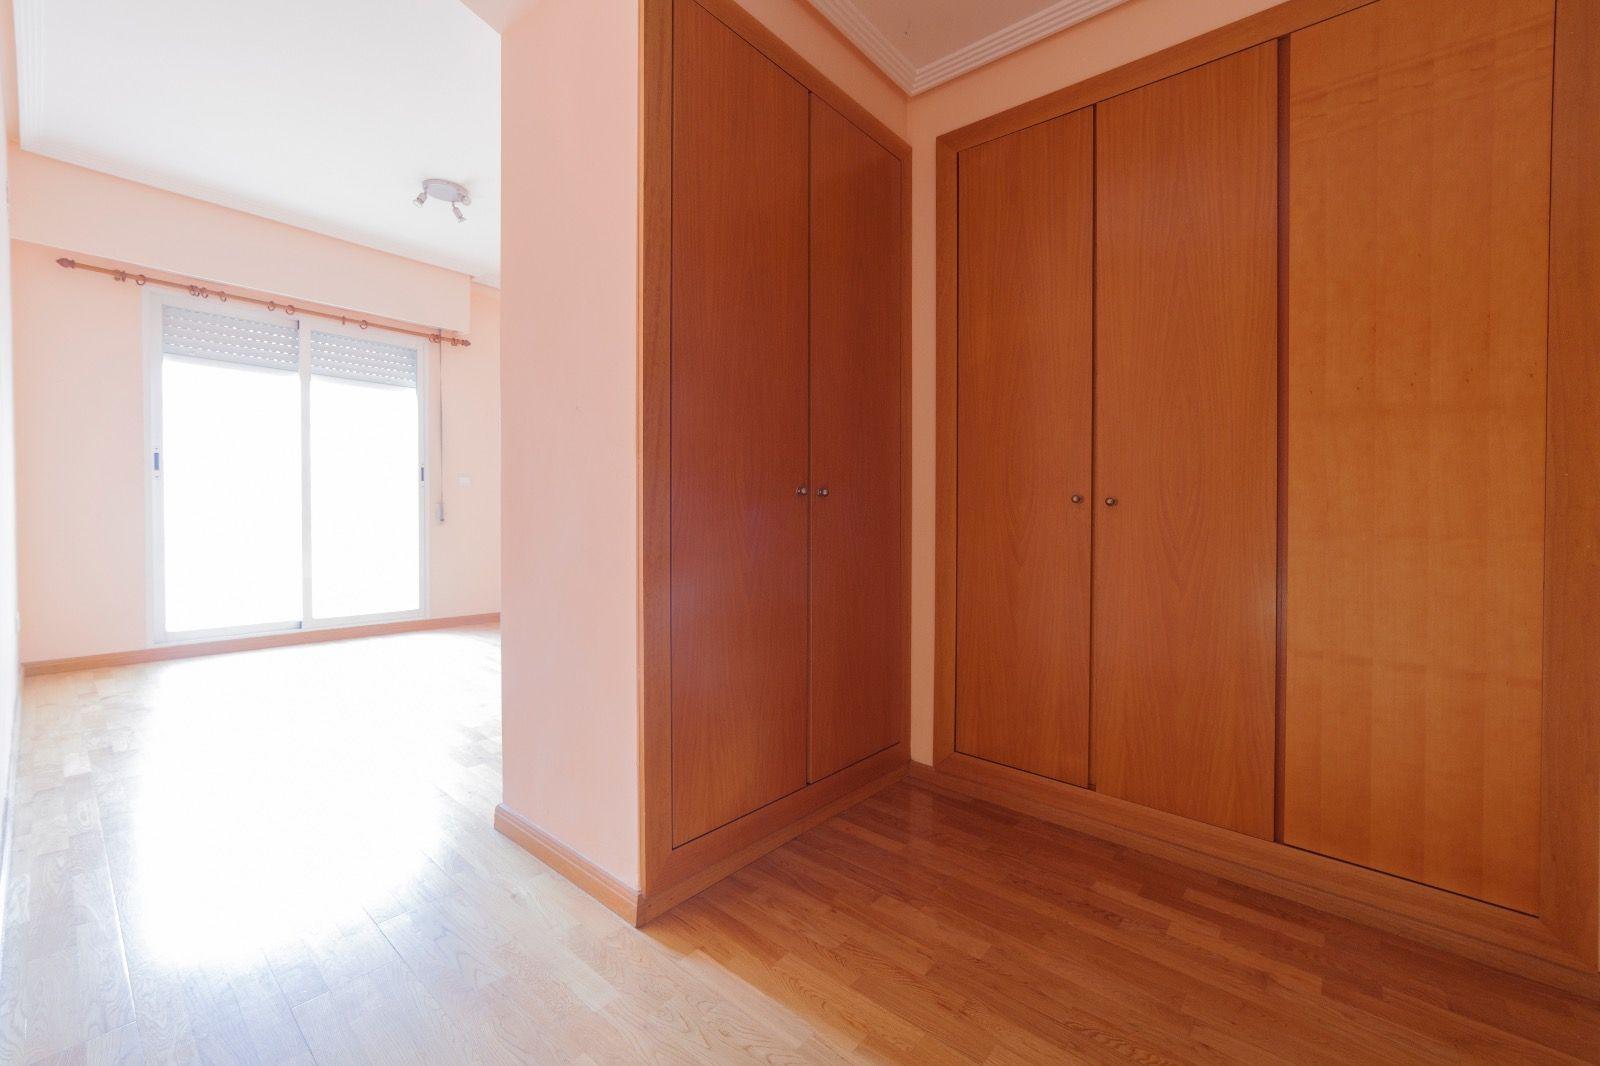 Alquiler y venta de viviendas en Valencia